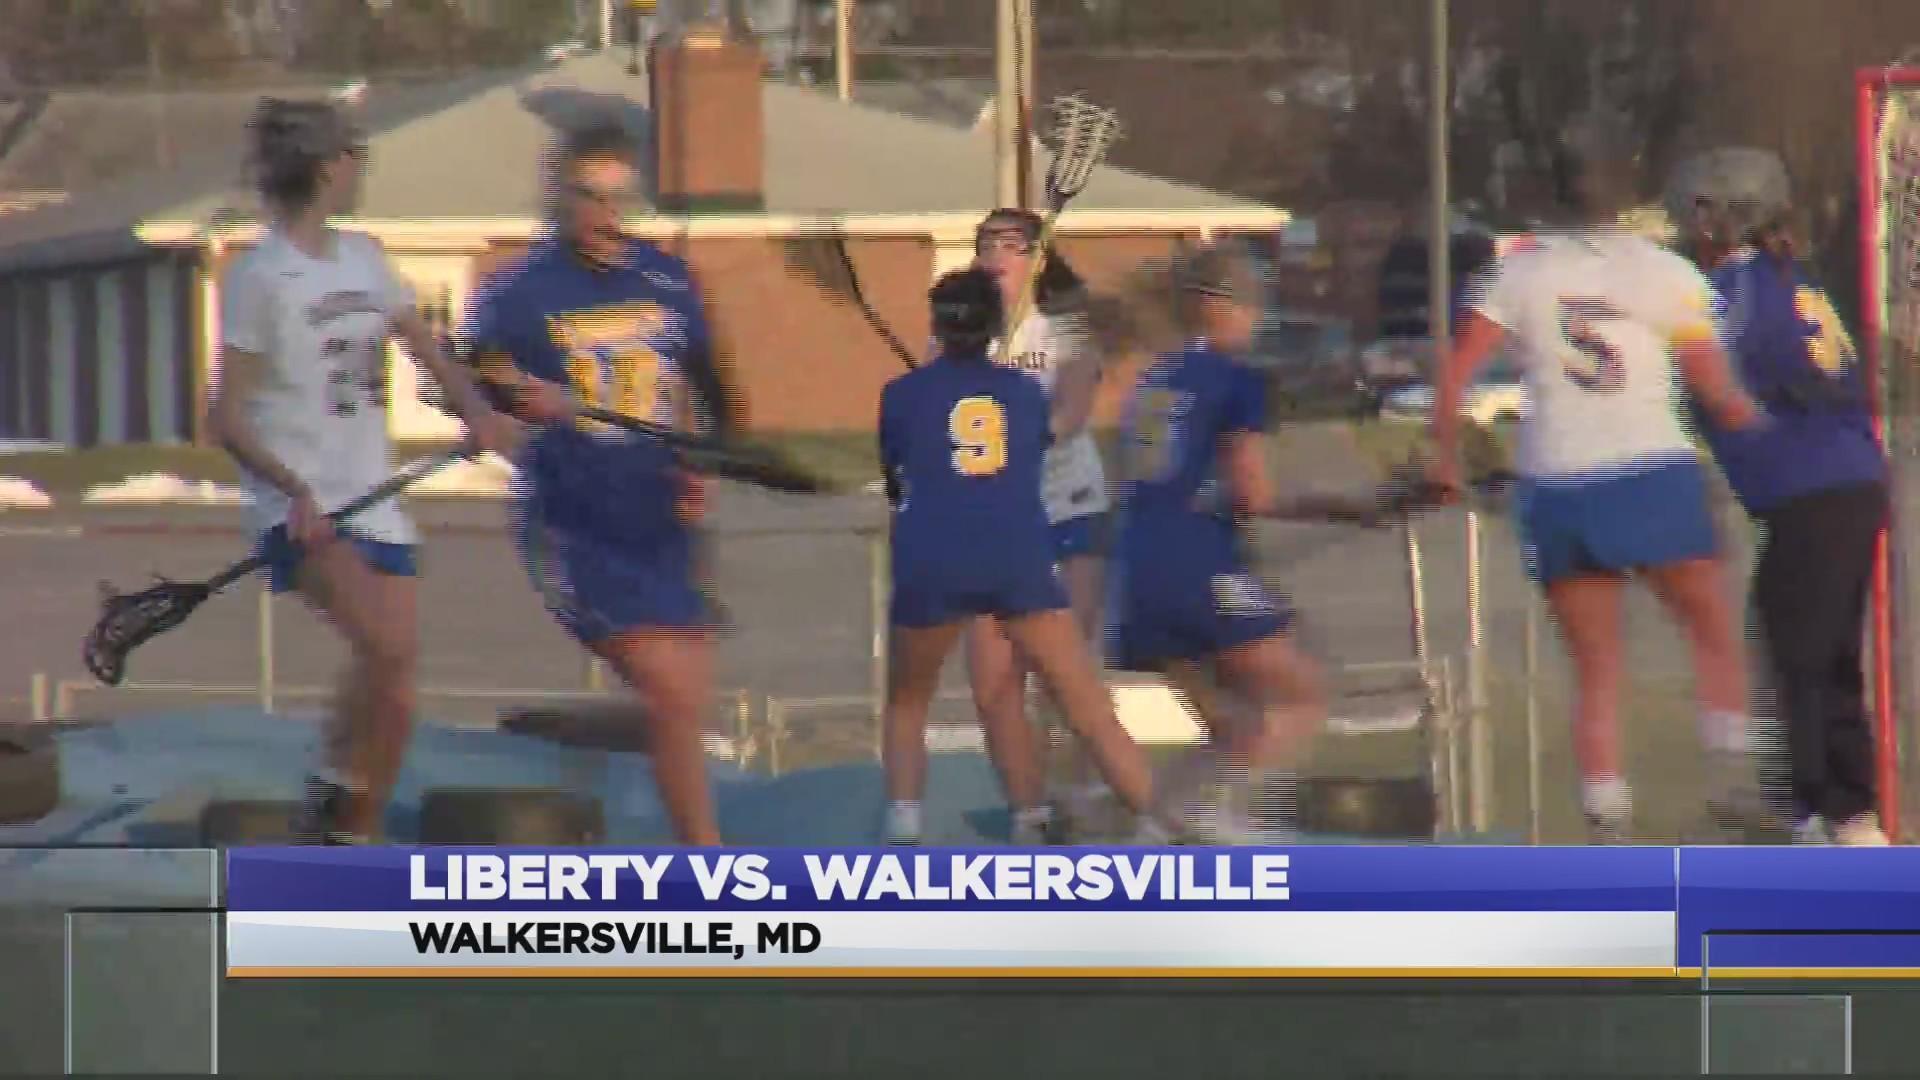 Liberty_vs__Walkersville___Girls_Lacross_0_20180327031021